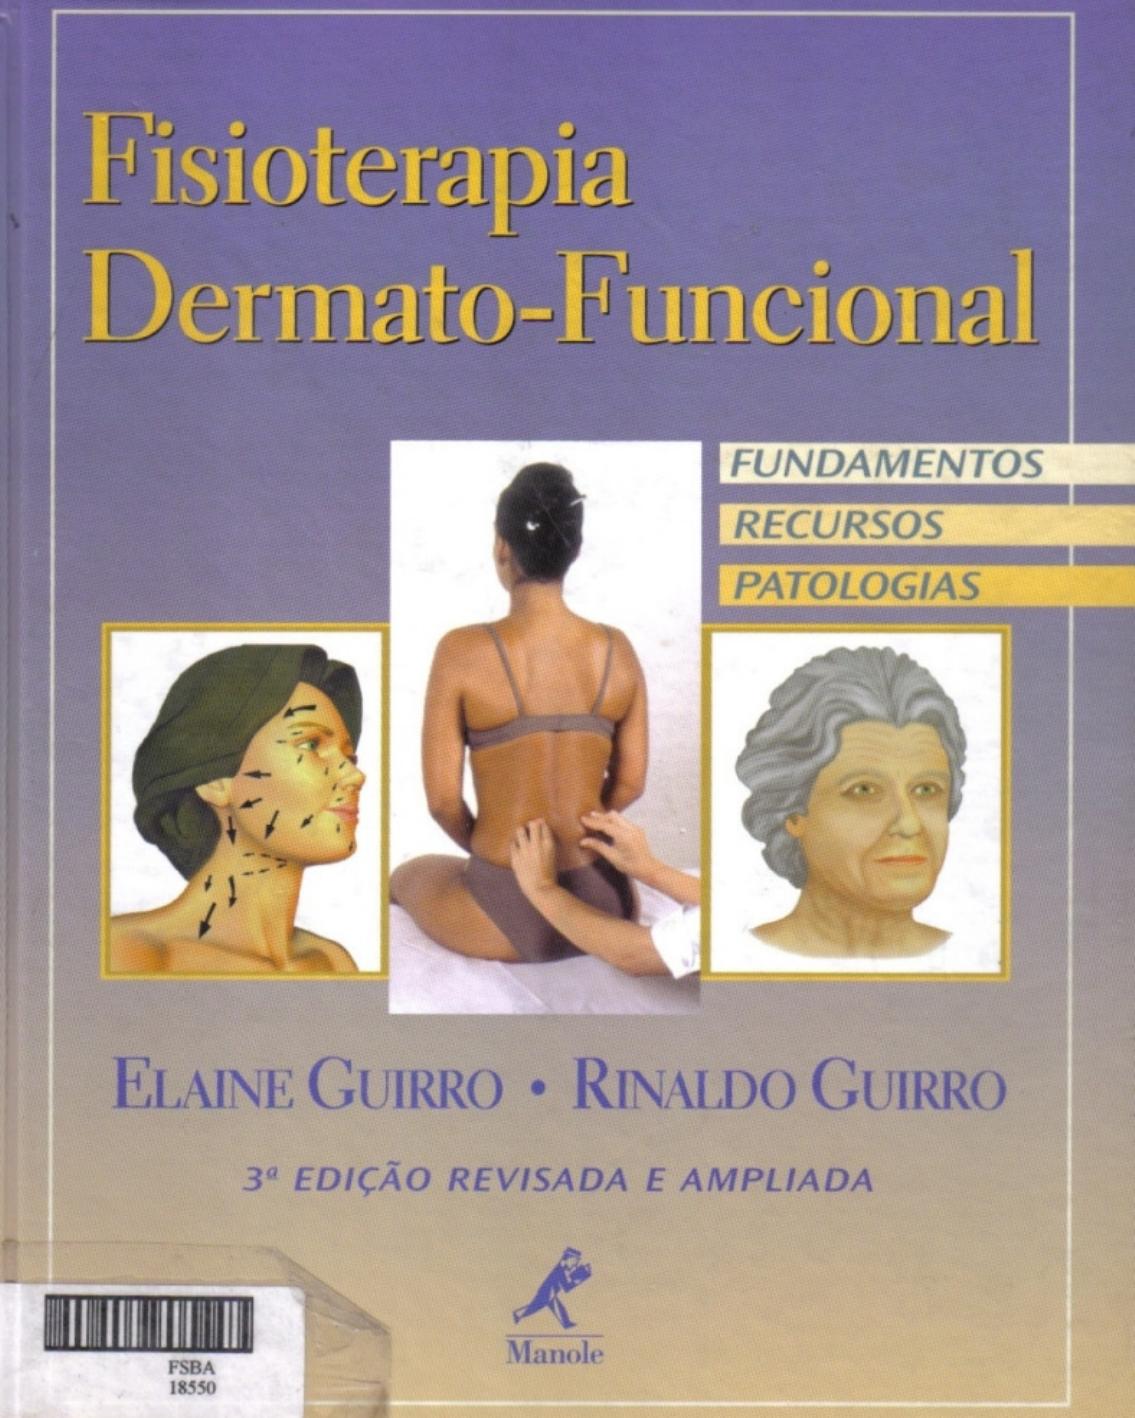 fisioterapia dermato funcional guirro